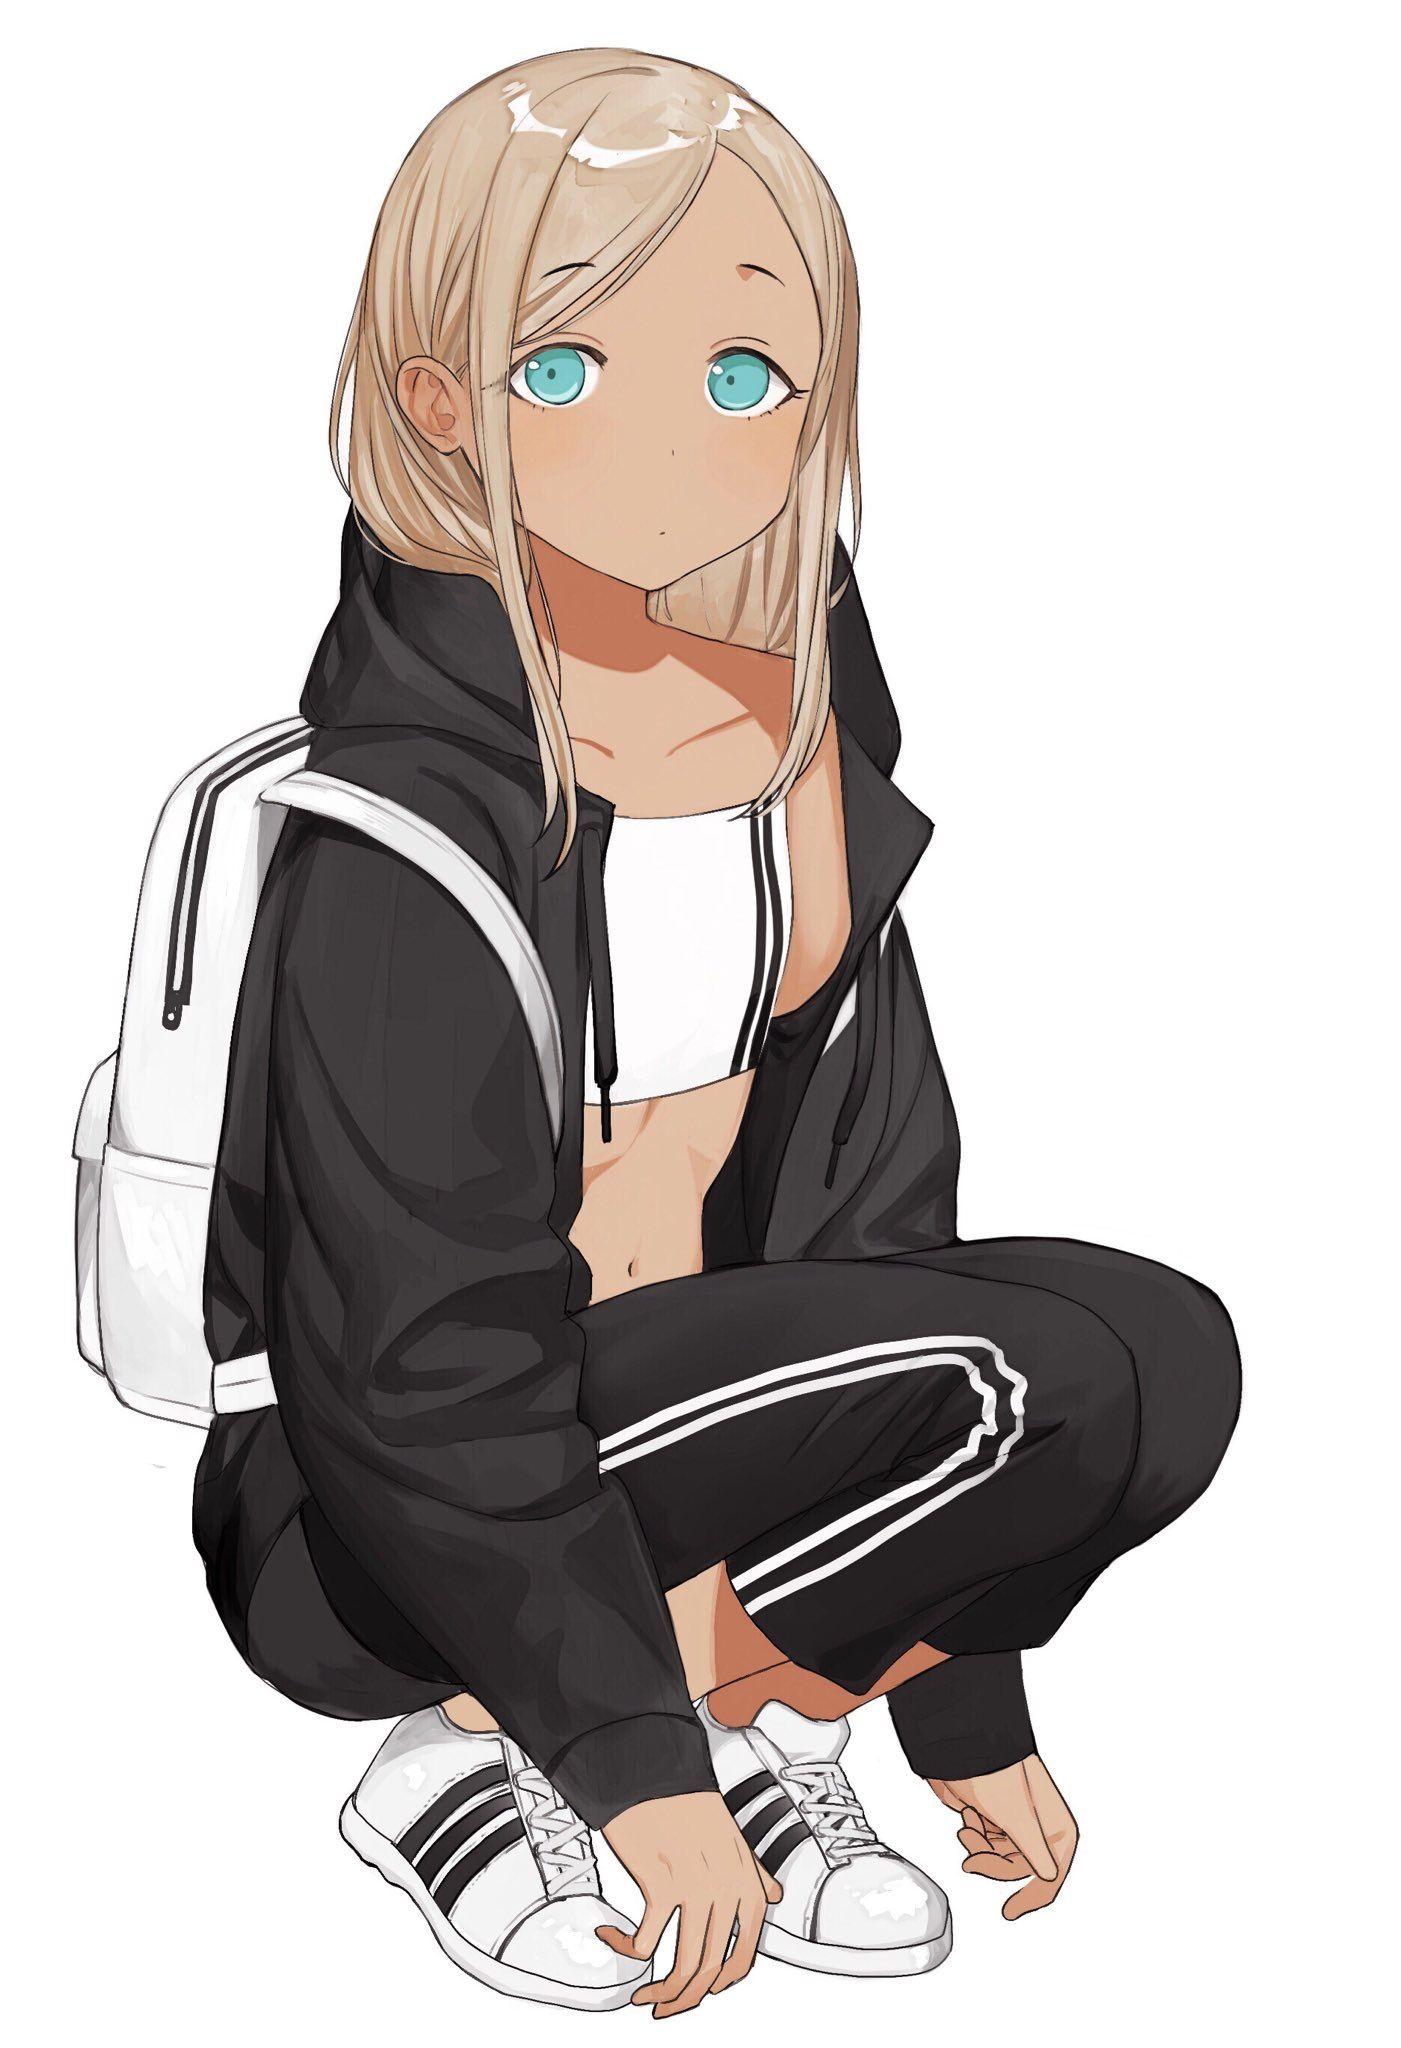 A Nap By Dark134 On Deviantart Anime Boy Anime Anime Guys